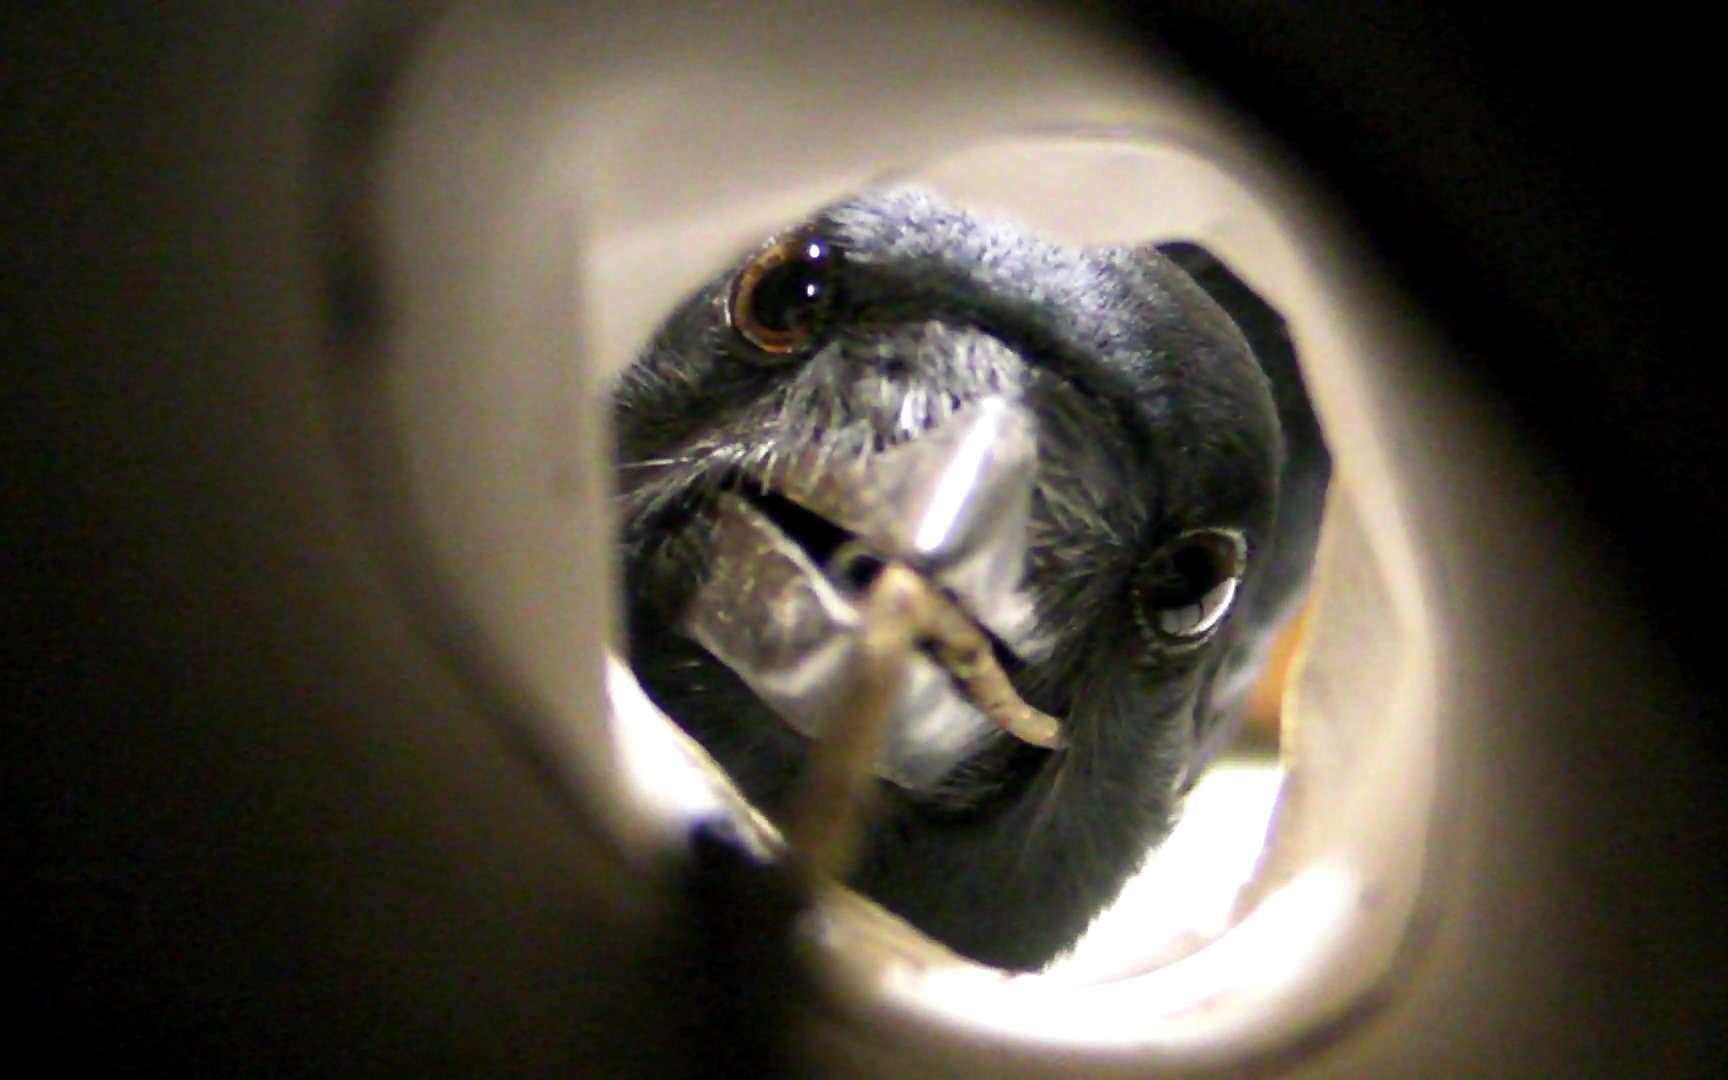 Admirez comment ce corbeau calédonien oriente ses yeux vers l'avant lorsqu'il emploie un outil. Cette espèce utilise notamment des pics pointus pour attraper des larves de cérambycidés, des coléoptères vivant notamment dans des troncs morts de bancouliers (Aleurites moluccana). © Jolyon Troscianko (University of Birmingham) et Christian Rutz (University of St-Andrews)